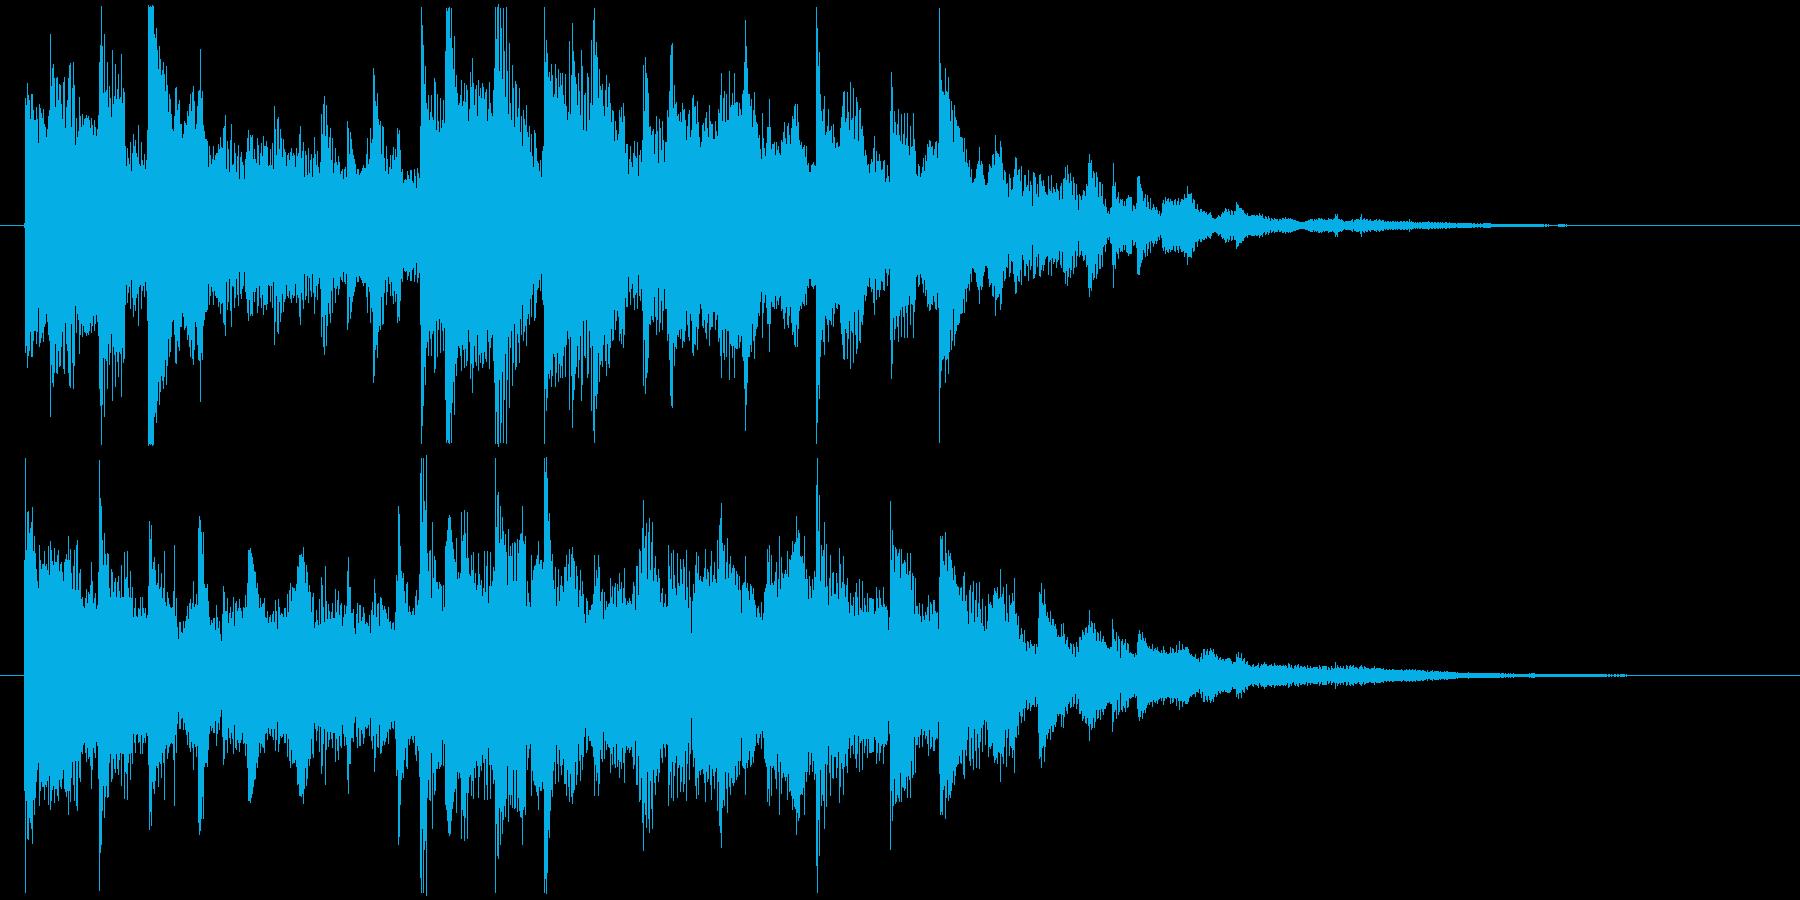 デジタル系未来的映像オープニングロゴの再生済みの波形